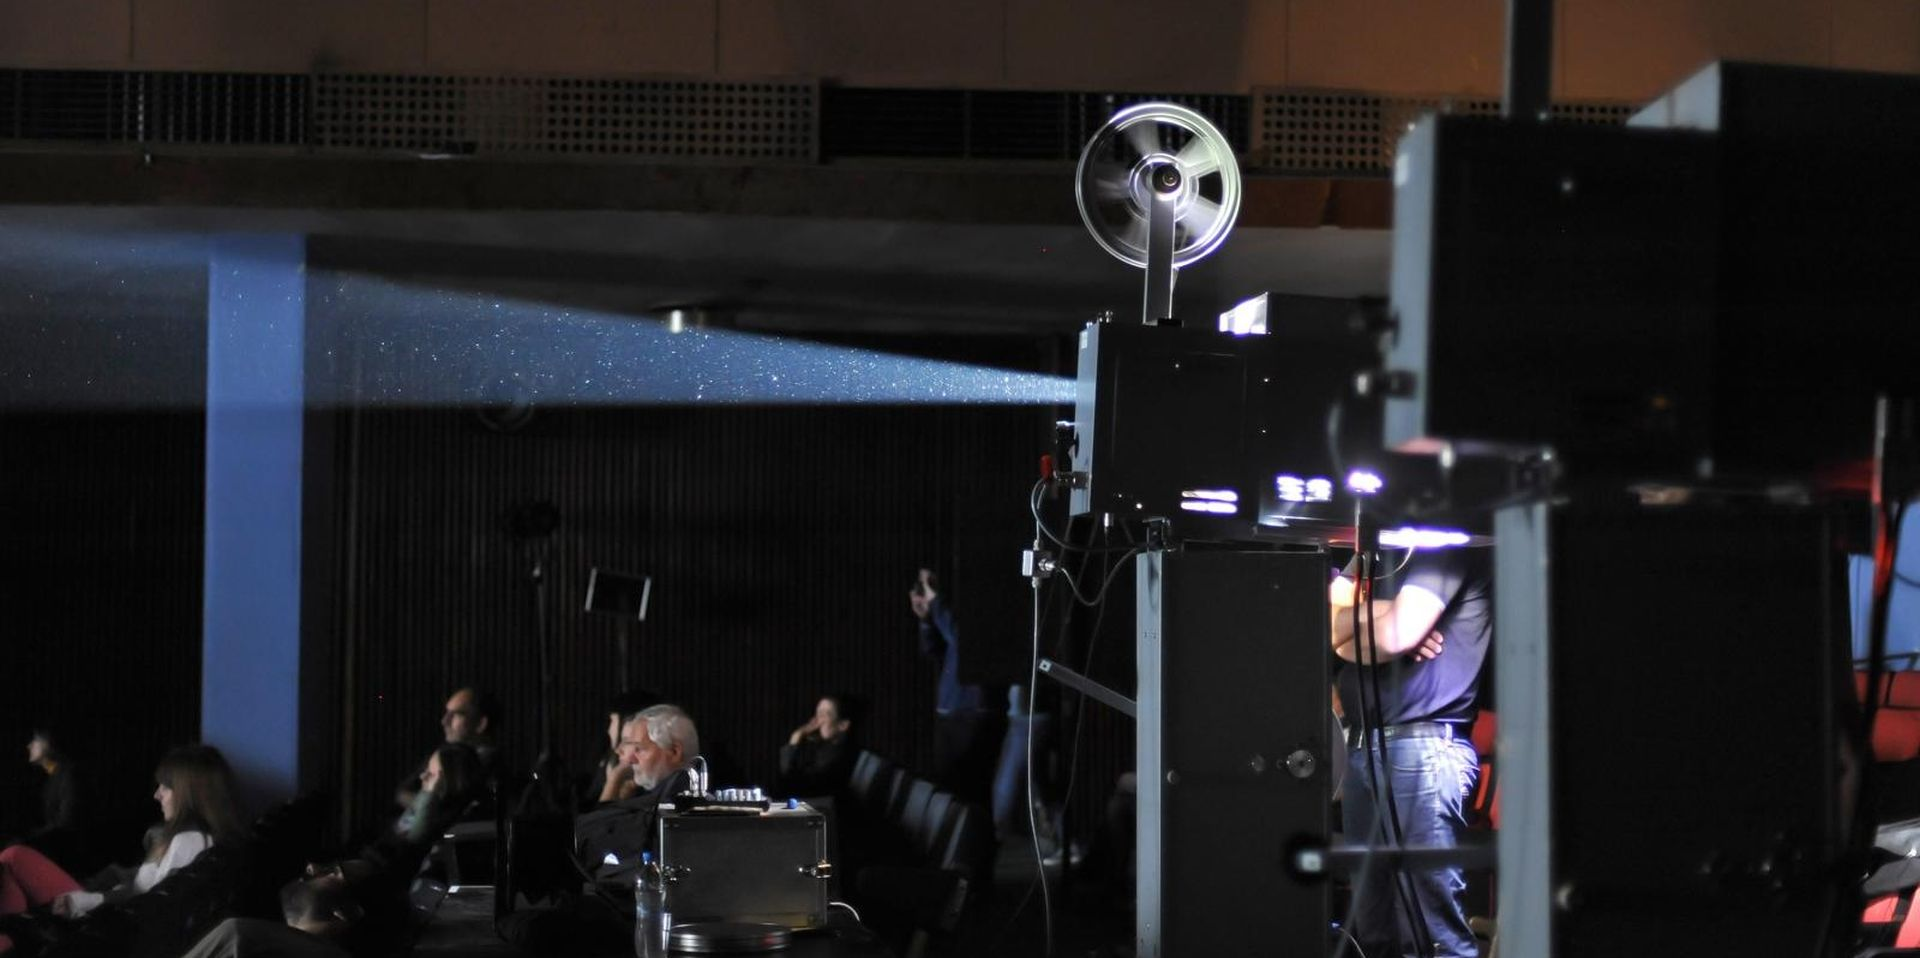 25FPS: Sve više filmova u konkurenciji koketira s dokumentarnim